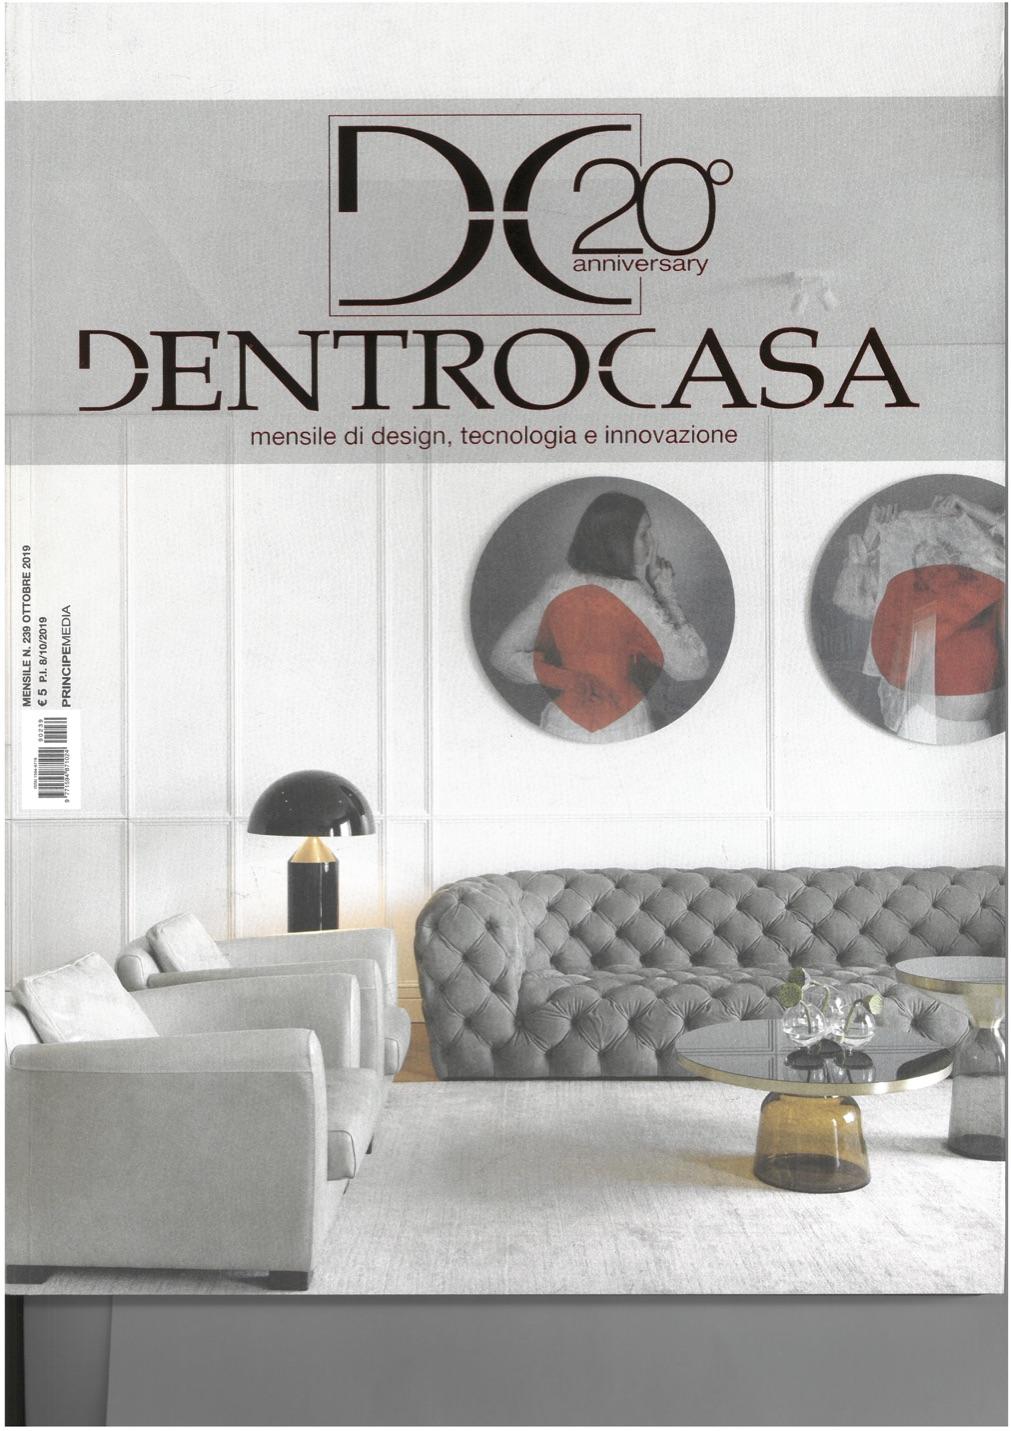 DENTROCASA-cover